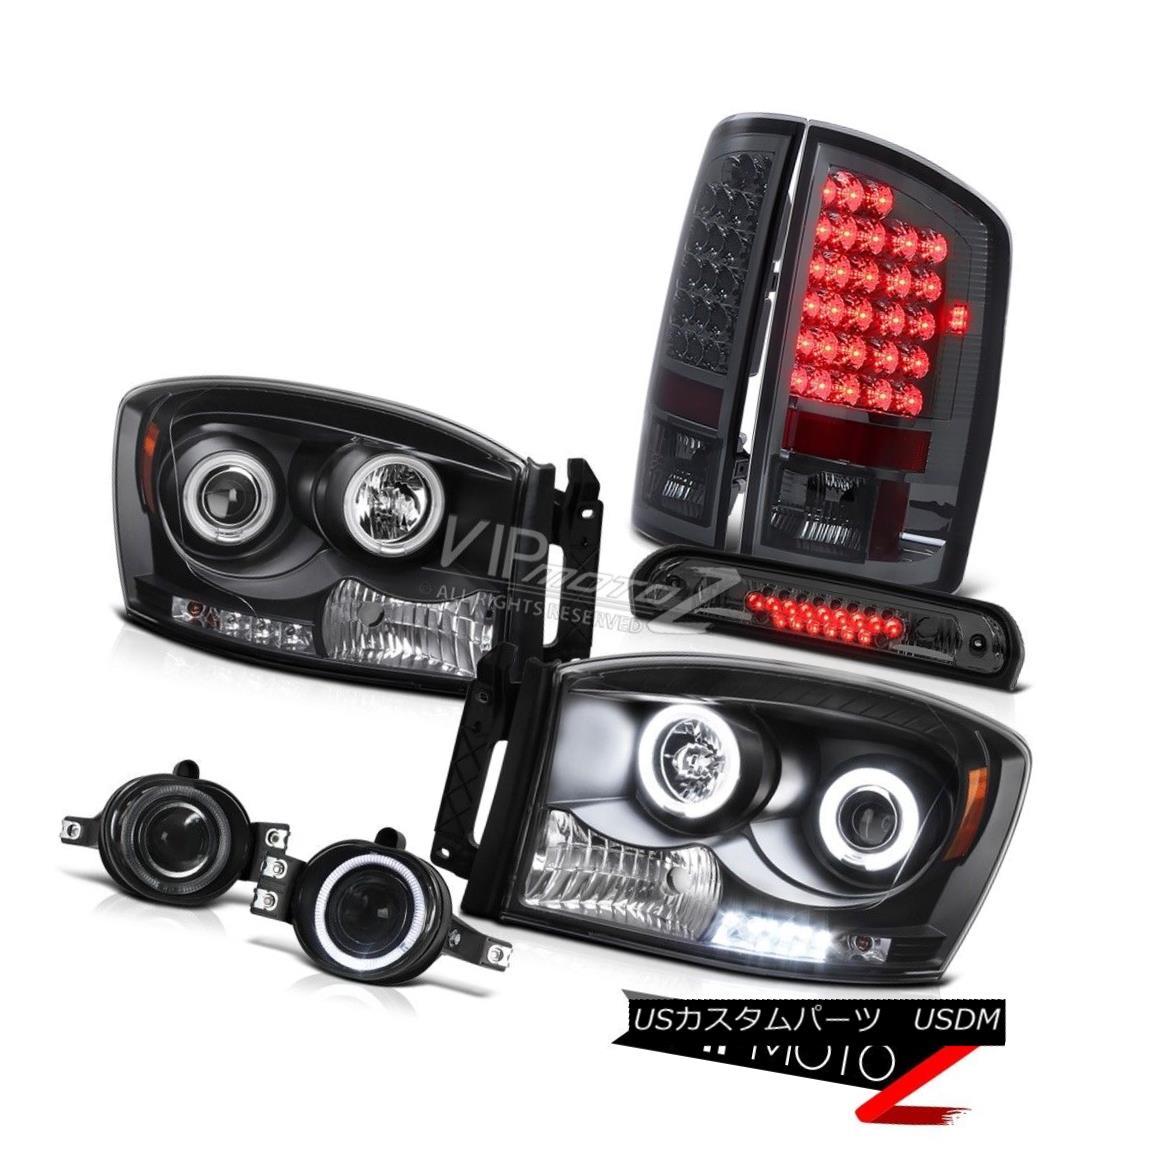 ヘッドライト 07 08 Ram SLT CCFL Headlamps Smoke LED Taillights Projector Foglights Roof Brake 07 08ラムSLT CCFLヘッドライトスモークLEDテールライトプロジェクターフォグライトルーフブレーキ